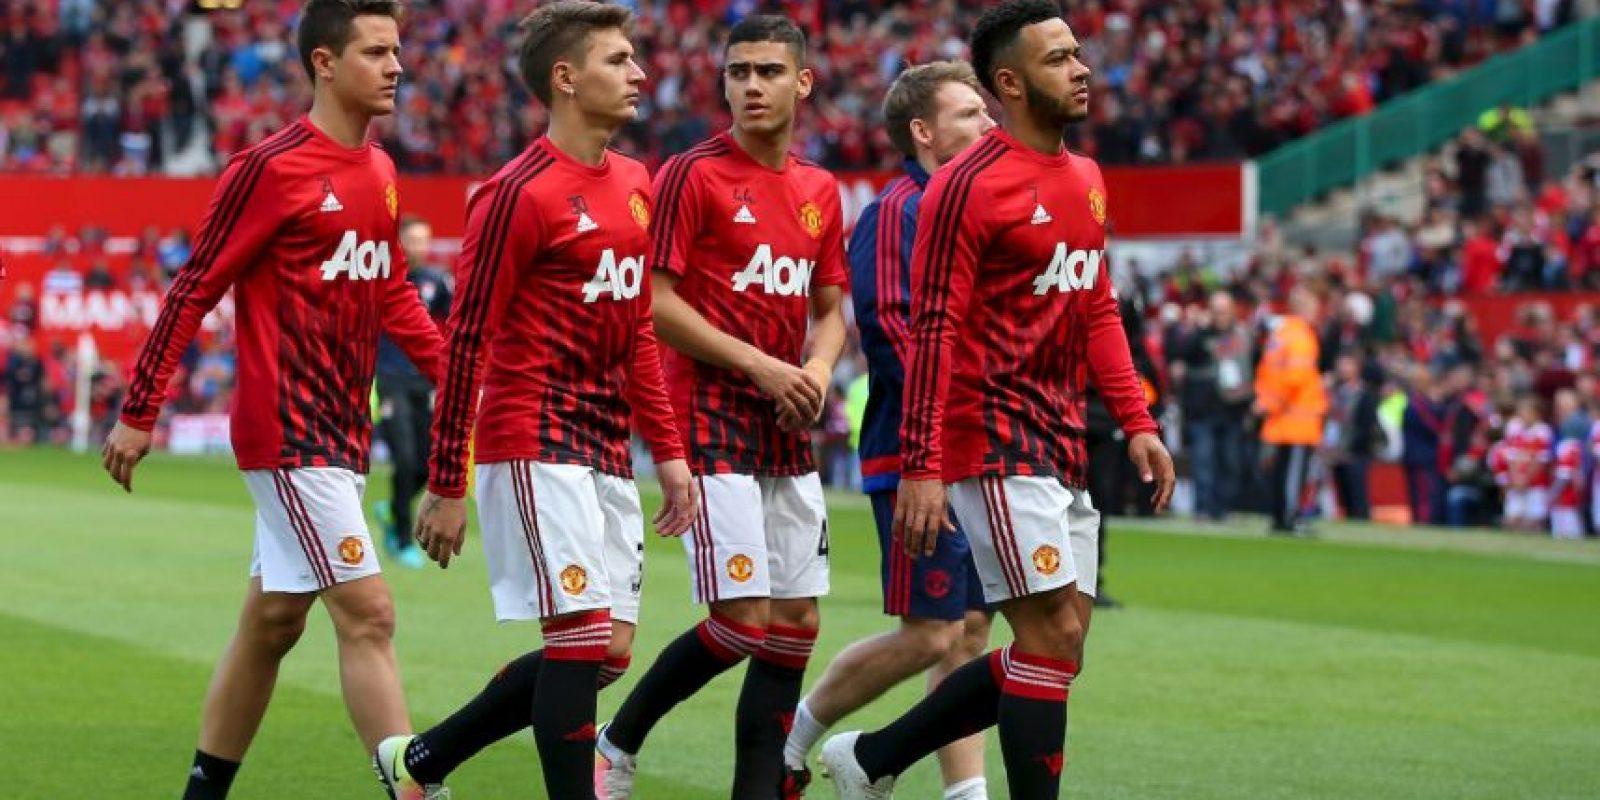 Los jugadores se retiraron desconcertados. Foto:Getty Images. Imagen Por: